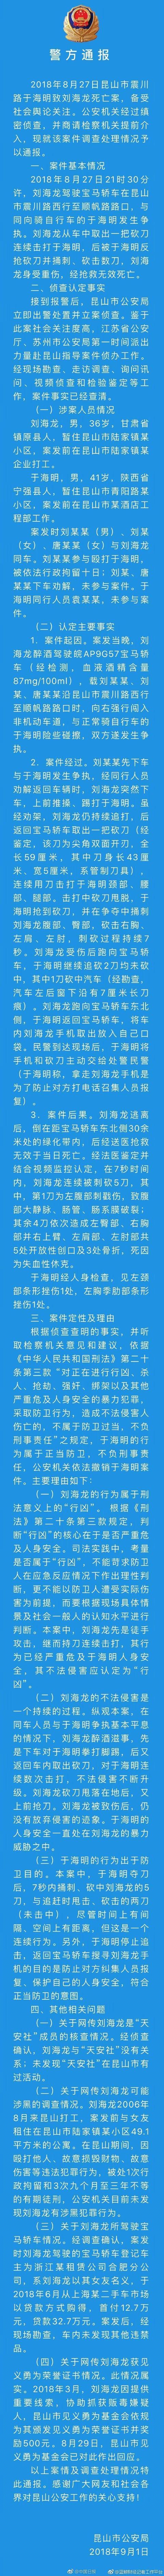 """昆山公安通报""""反杀""""案处理情况:刘海龙2006年以来多次触犯法律"""